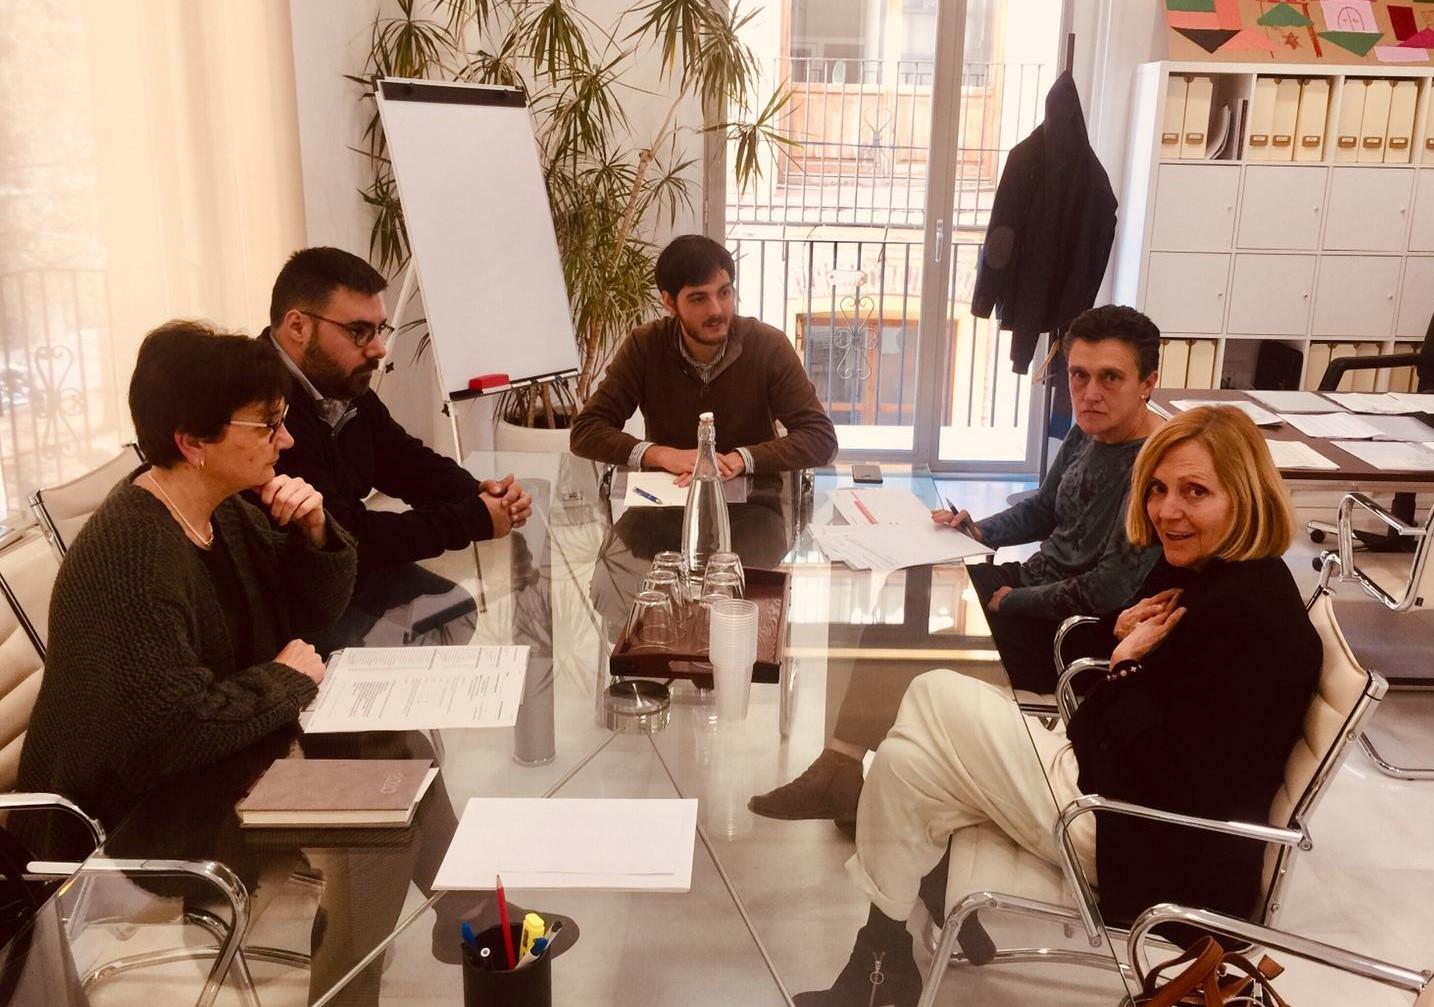 La Conselleria de Vivienda y el Ayuntamiento de Bétera estudian actuaciones conjuntas para dignificar la vivienda social en el municipio